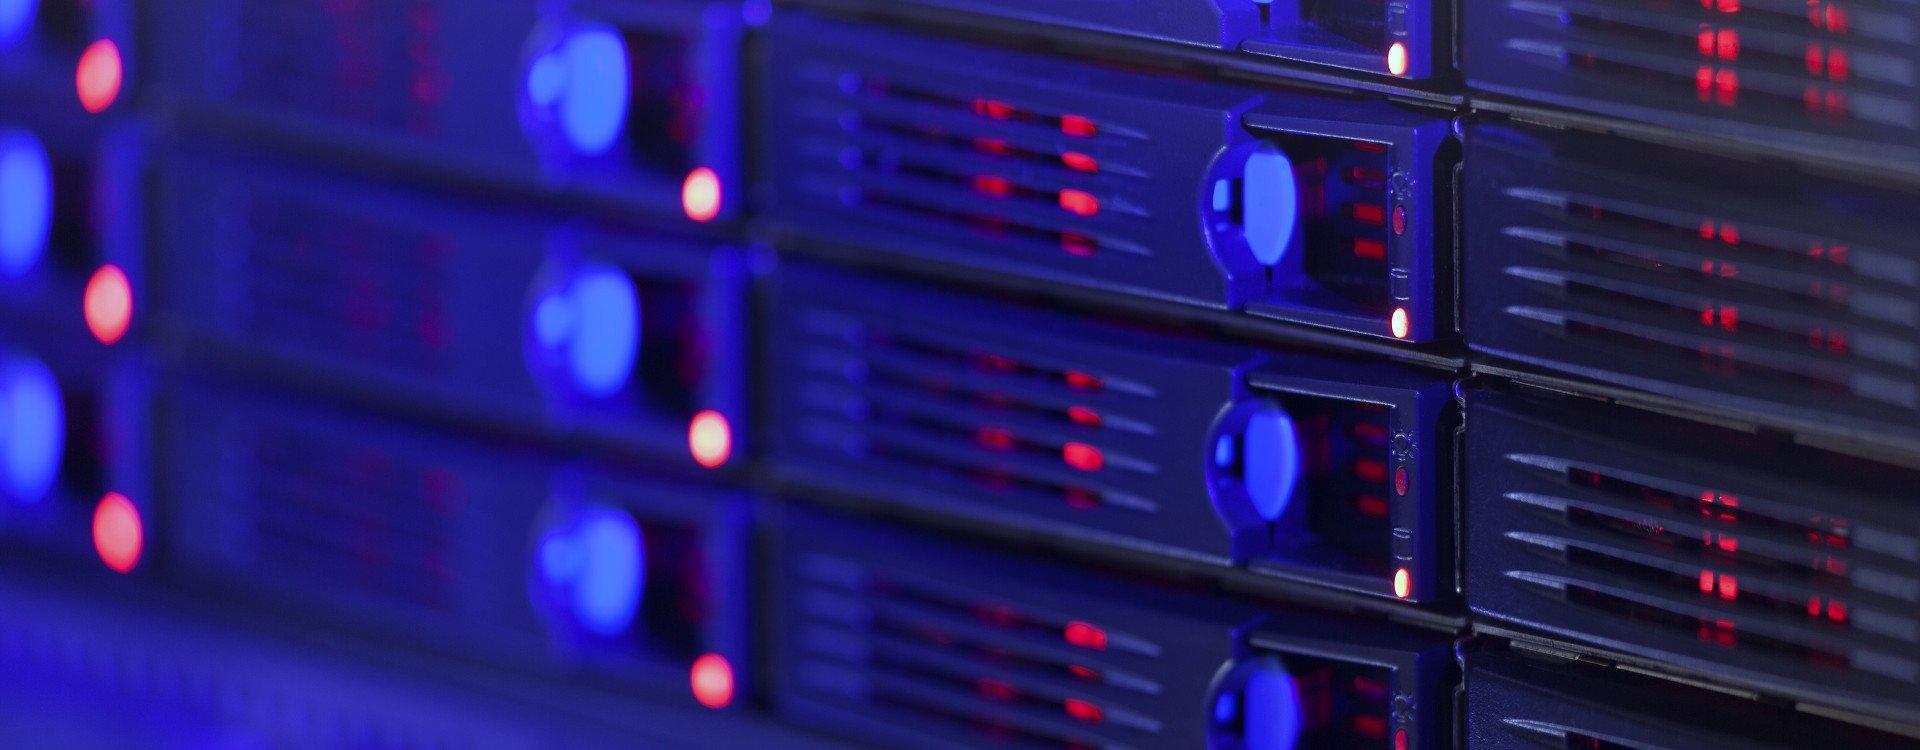 Install Transmission on Ubuntu Server | VroomTech io